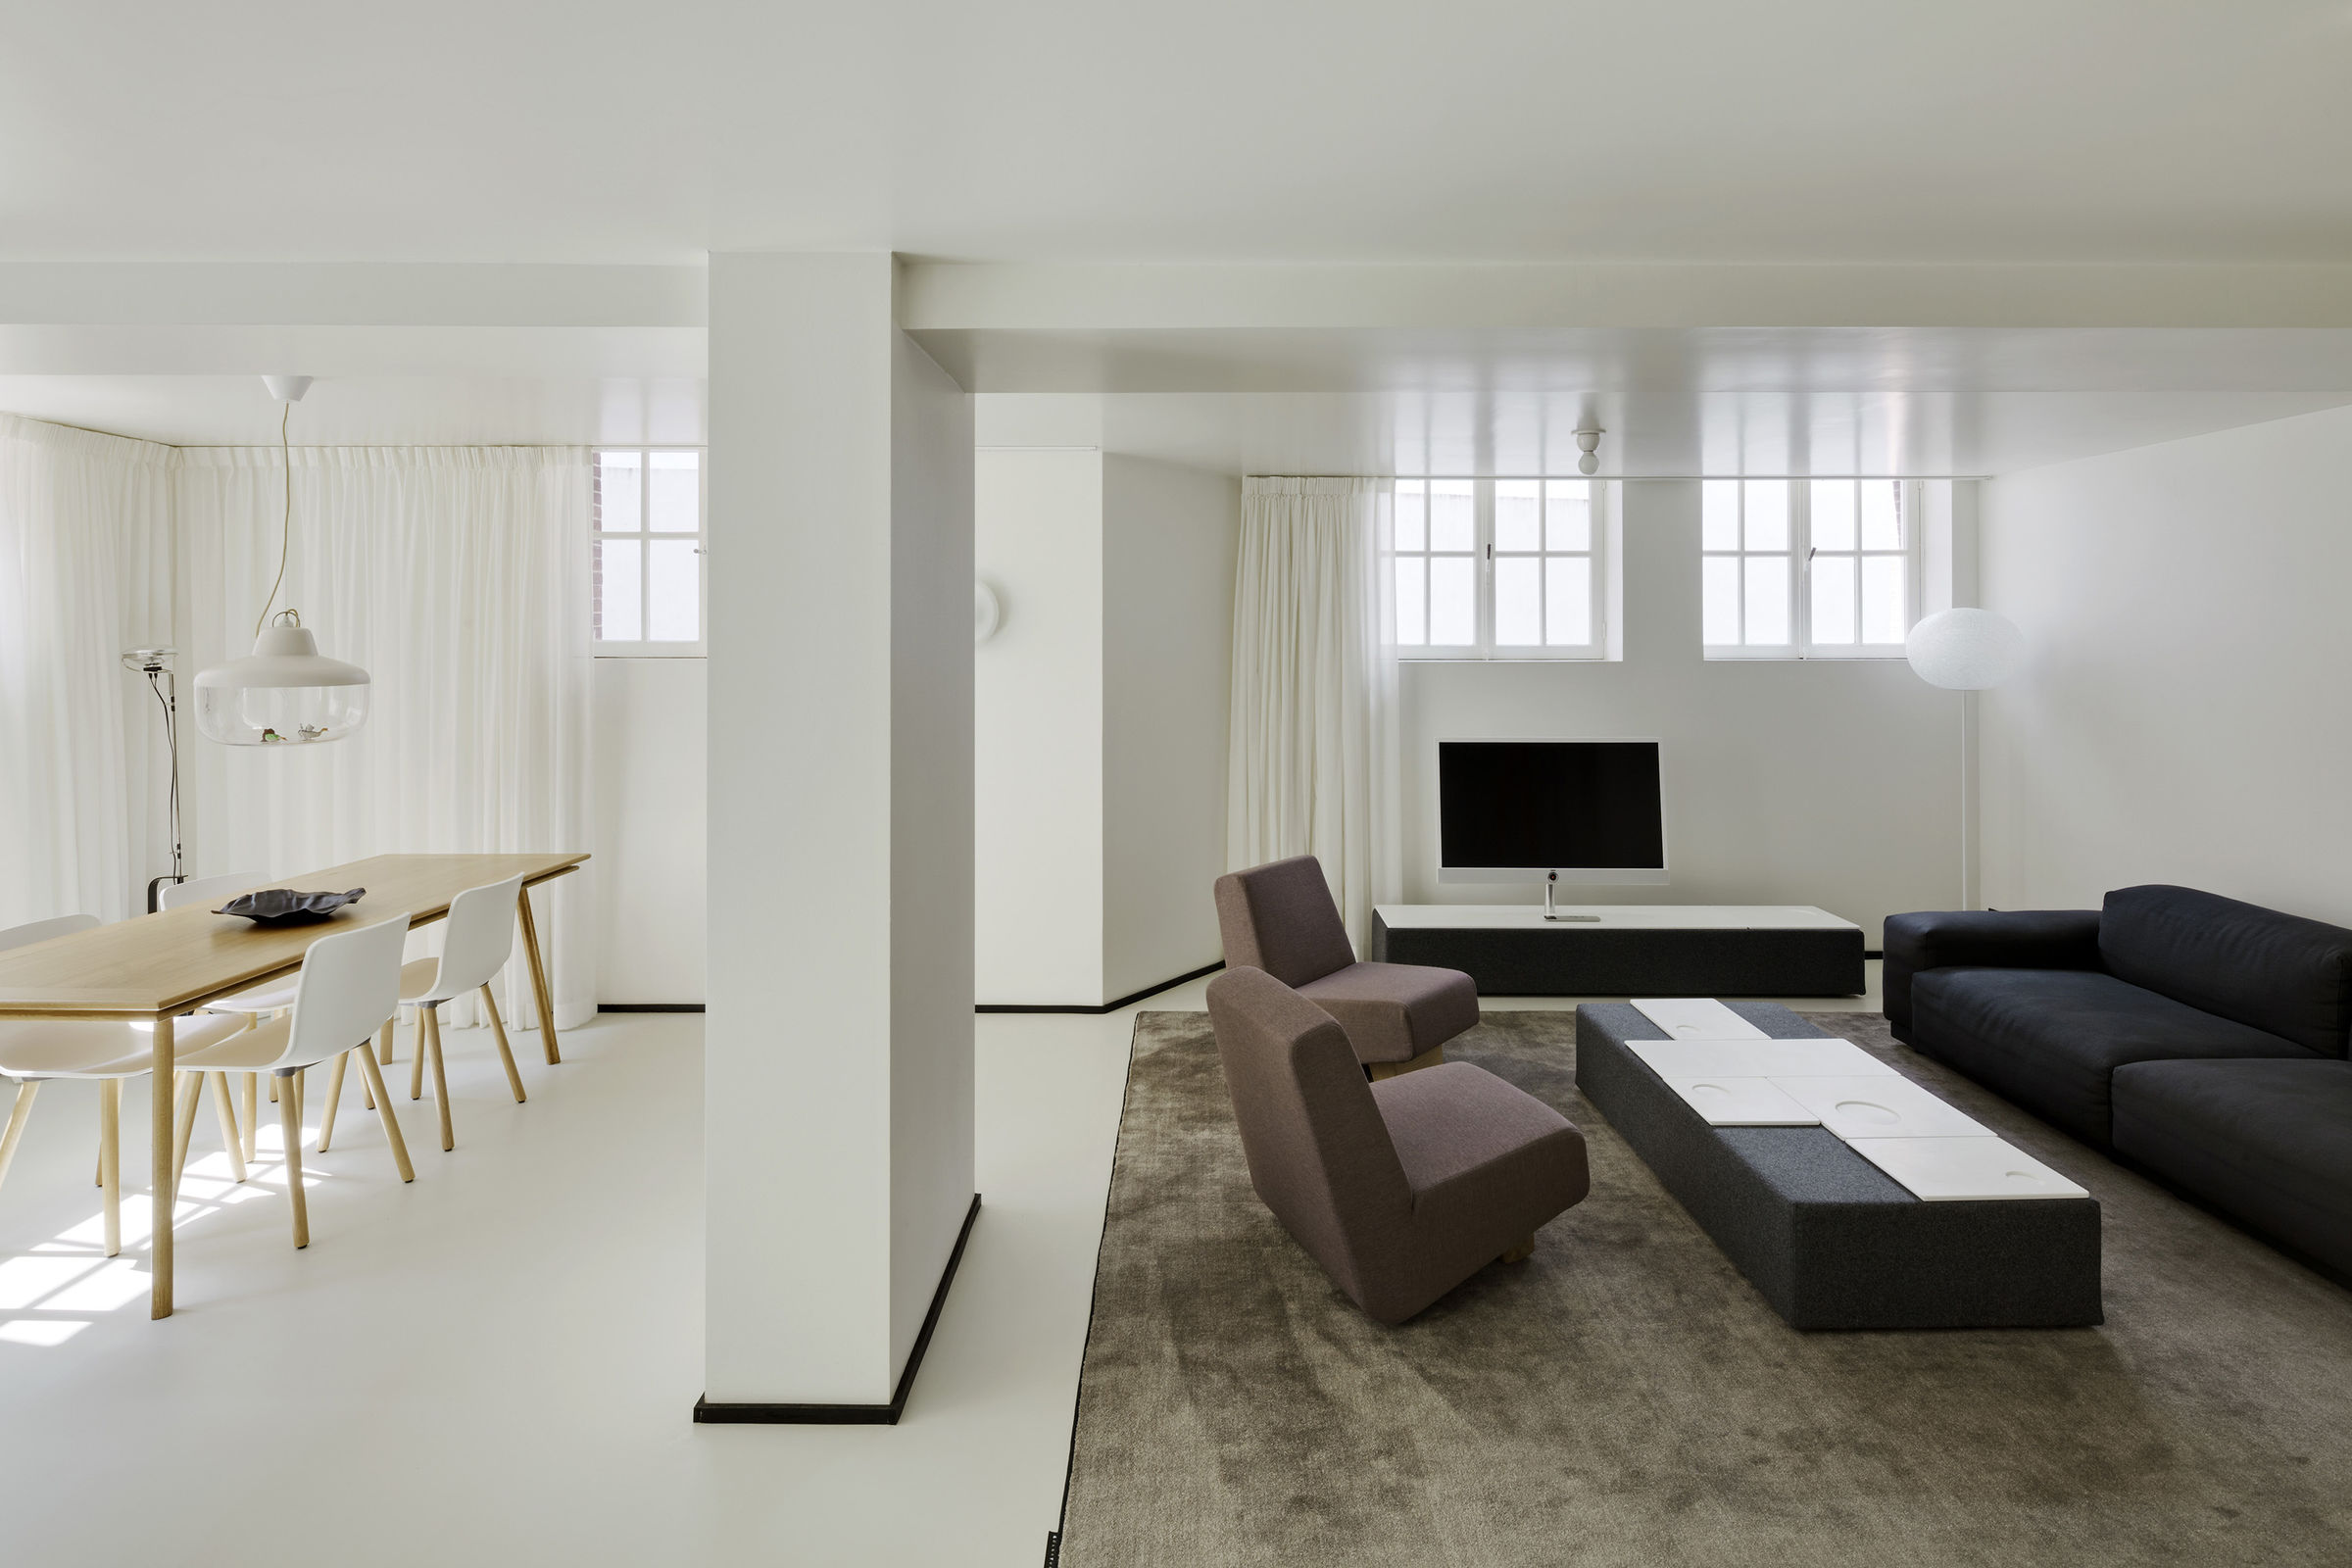 Минимализм в квартире — идеи интерьера и варианты дизайна. советы по применению различных стилей (100 фото)